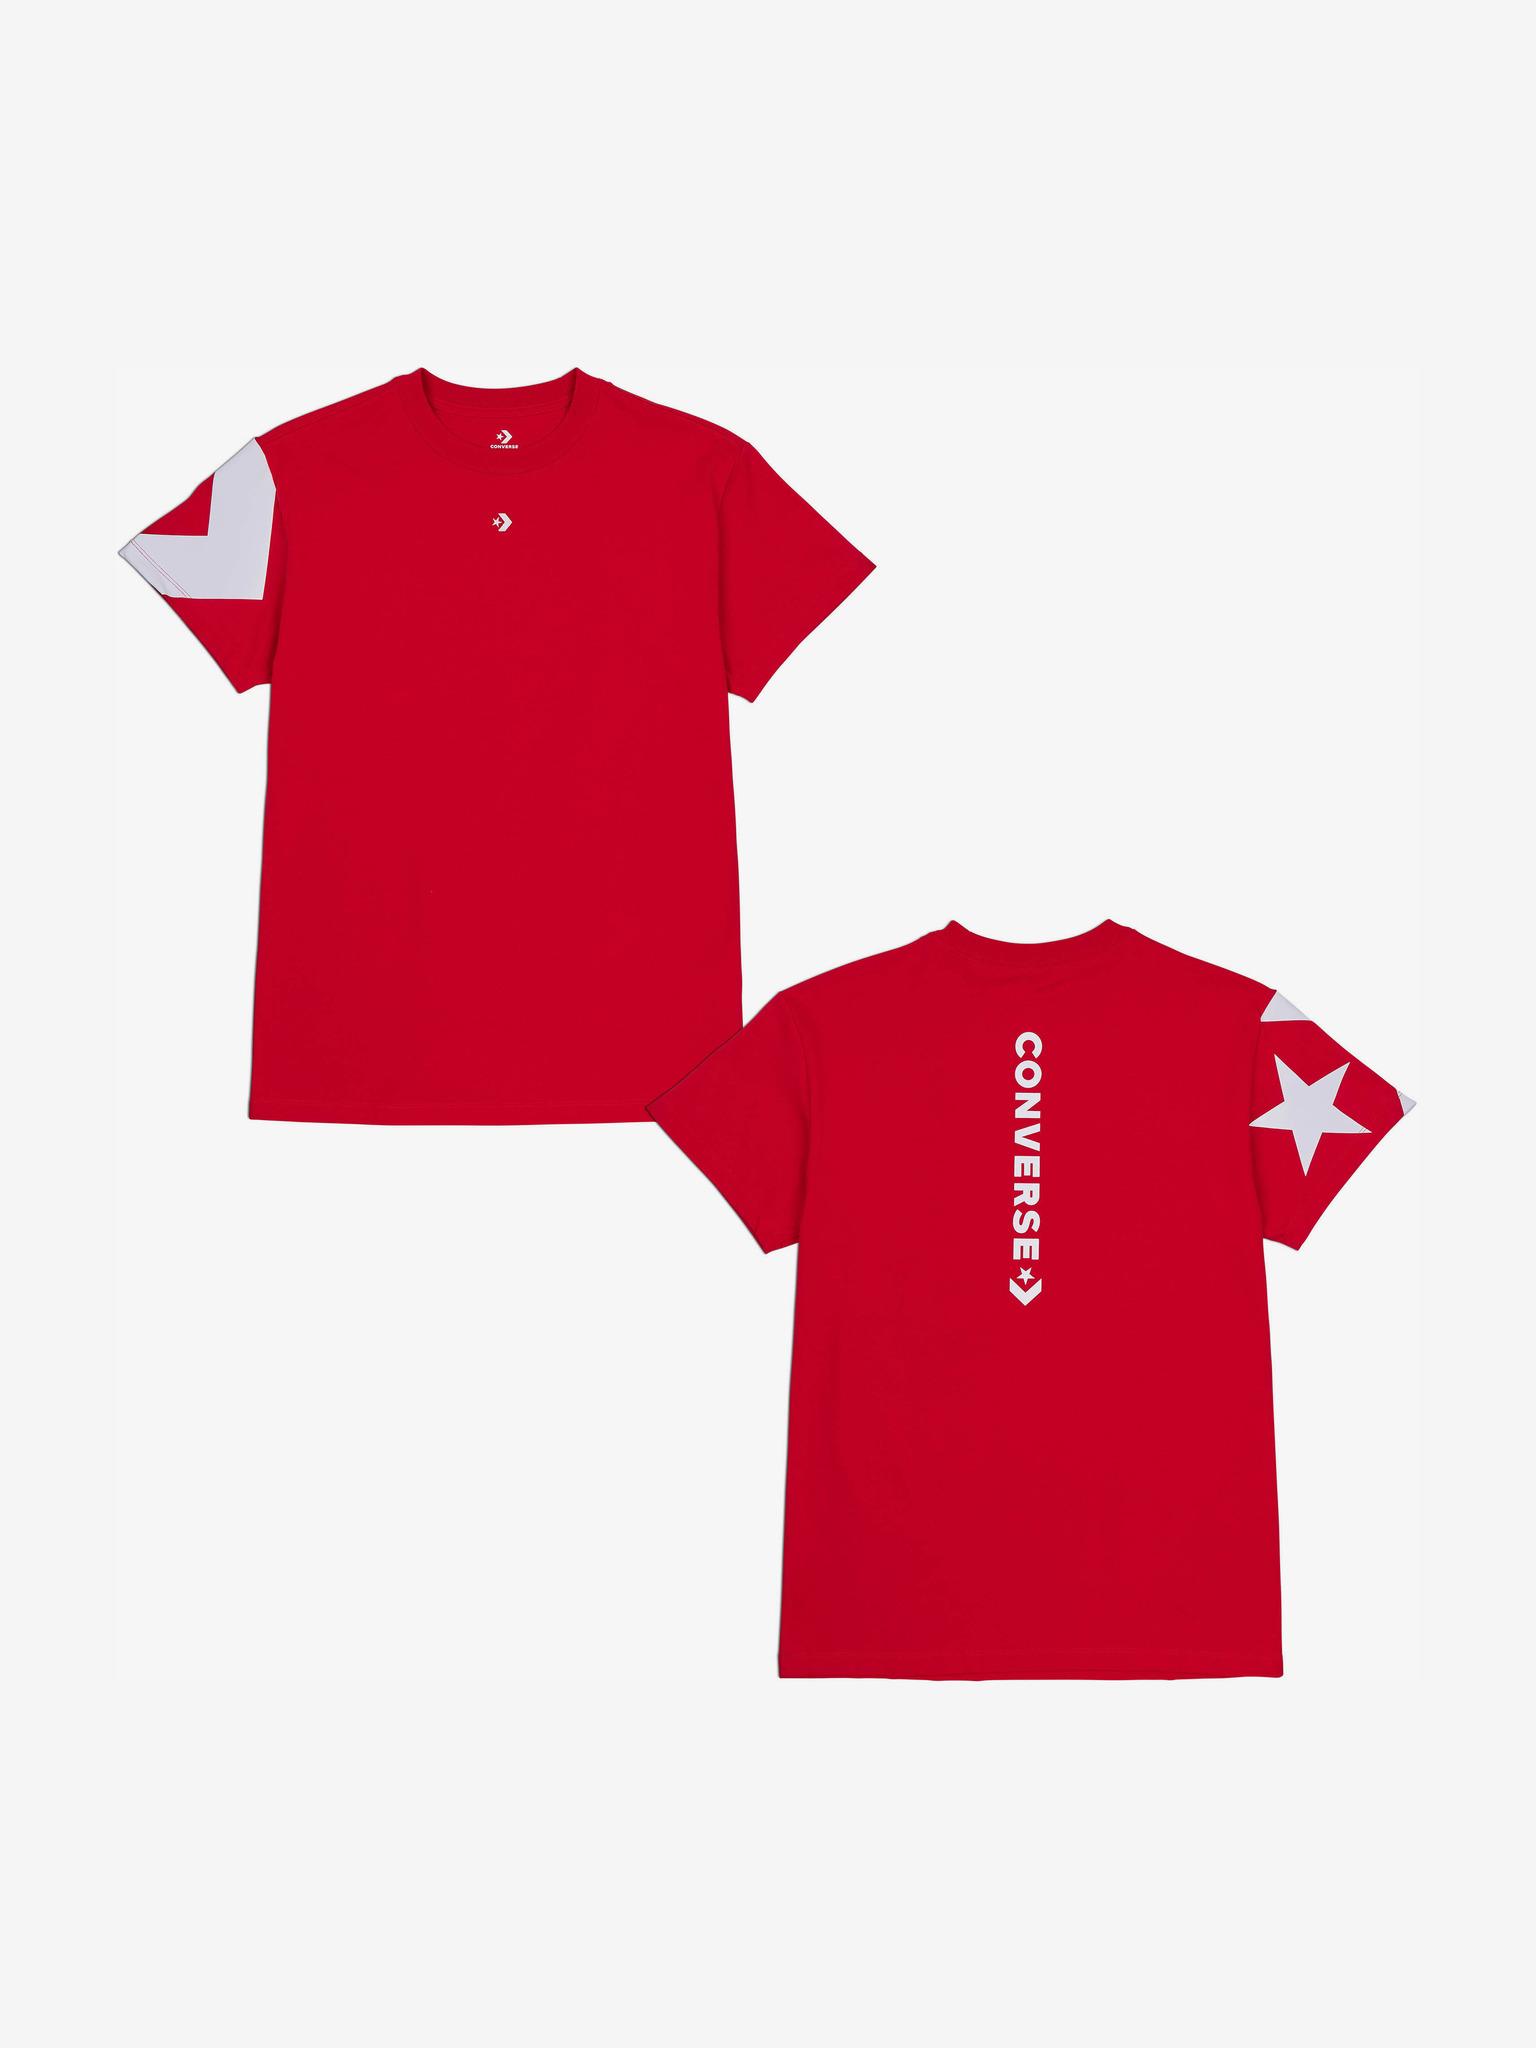 Converse Women's t-shirt red  Star